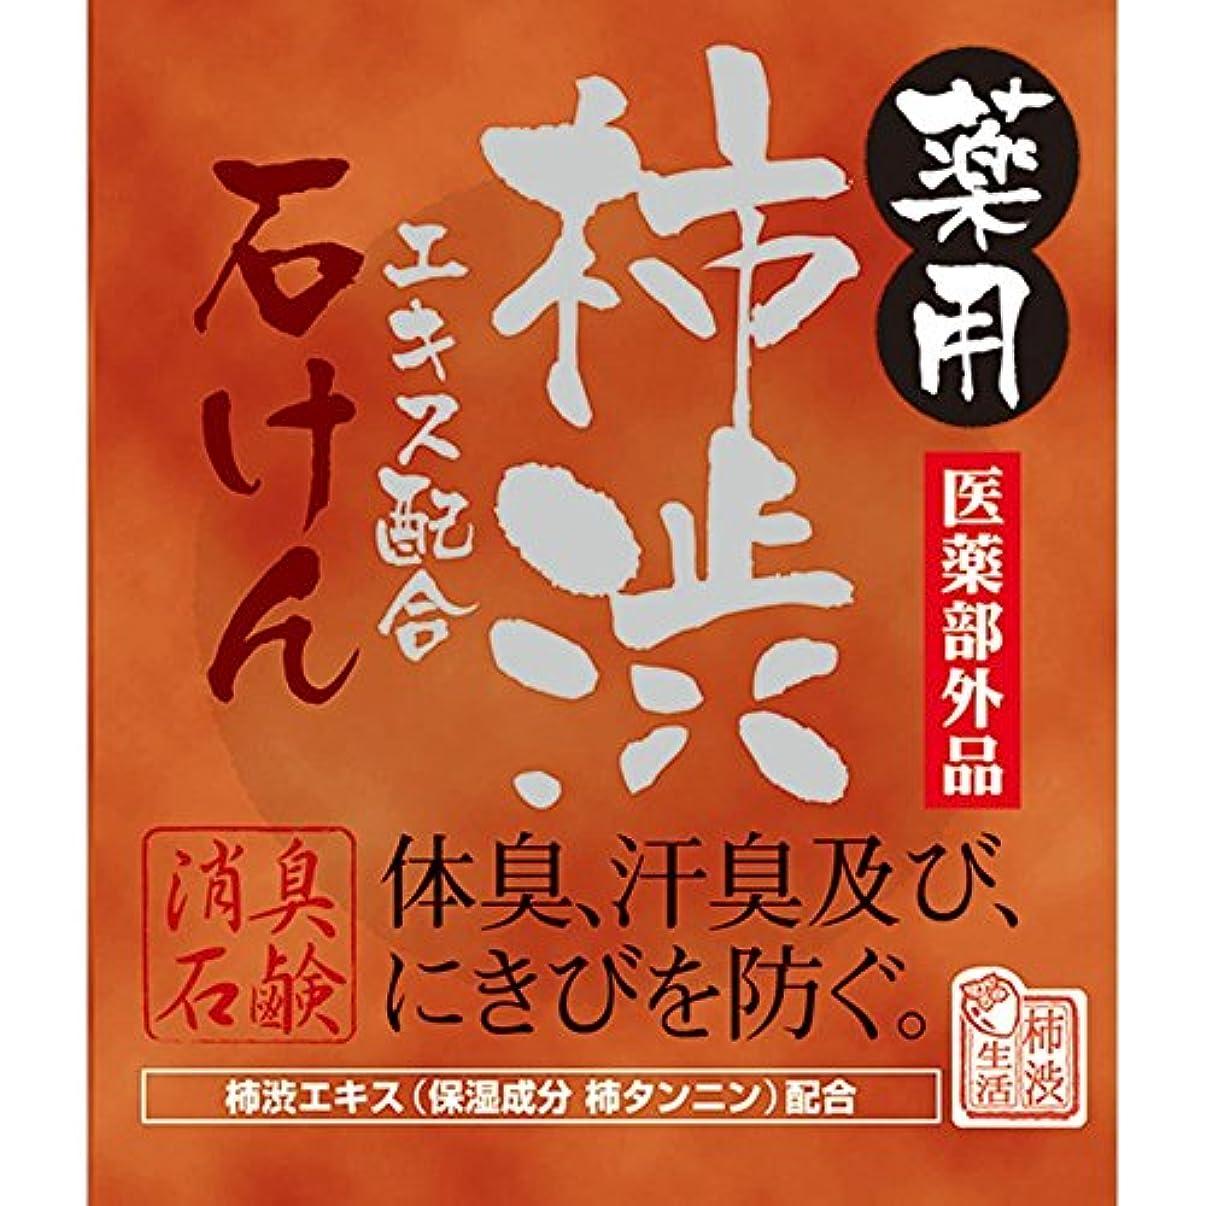 スズメバチ思い出させる進化薬用柿渋石けん 100g[医薬部外品]